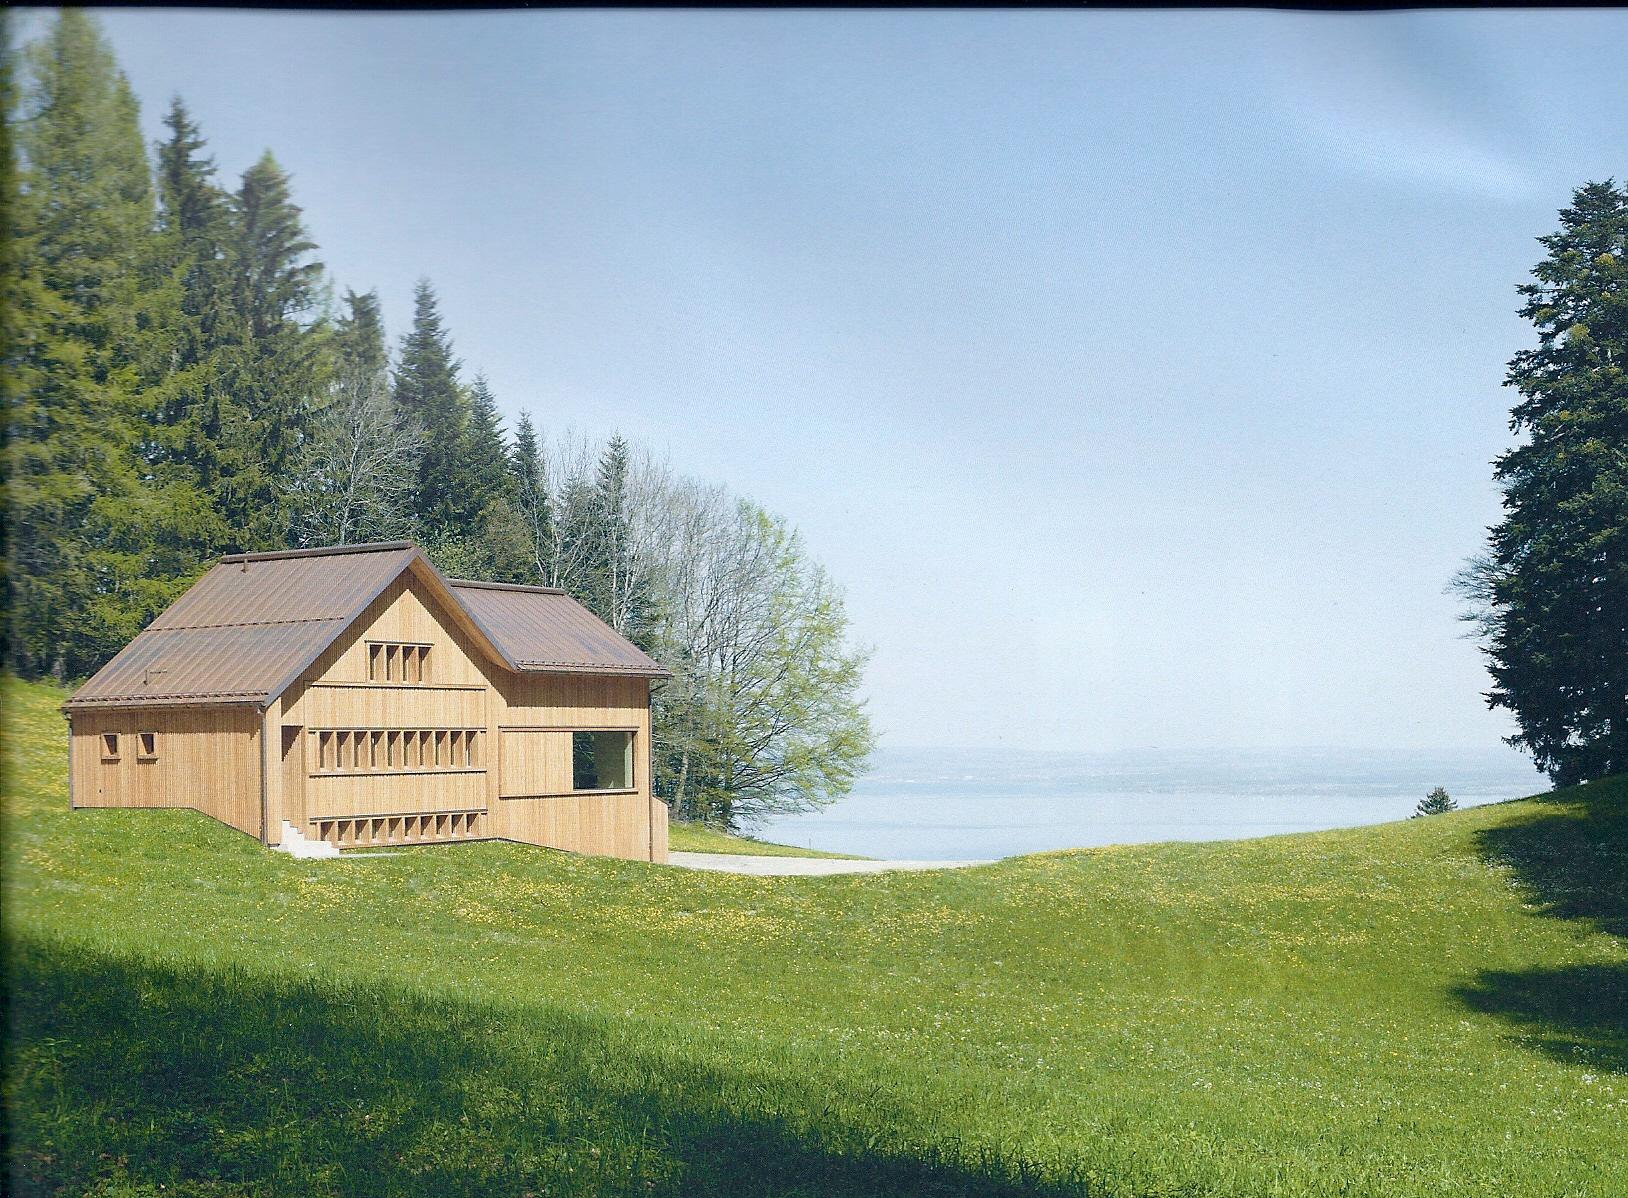 bauen im dorf und ausserhalb saiten ostschweizer kulturmagazin. Black Bedroom Furniture Sets. Home Design Ideas